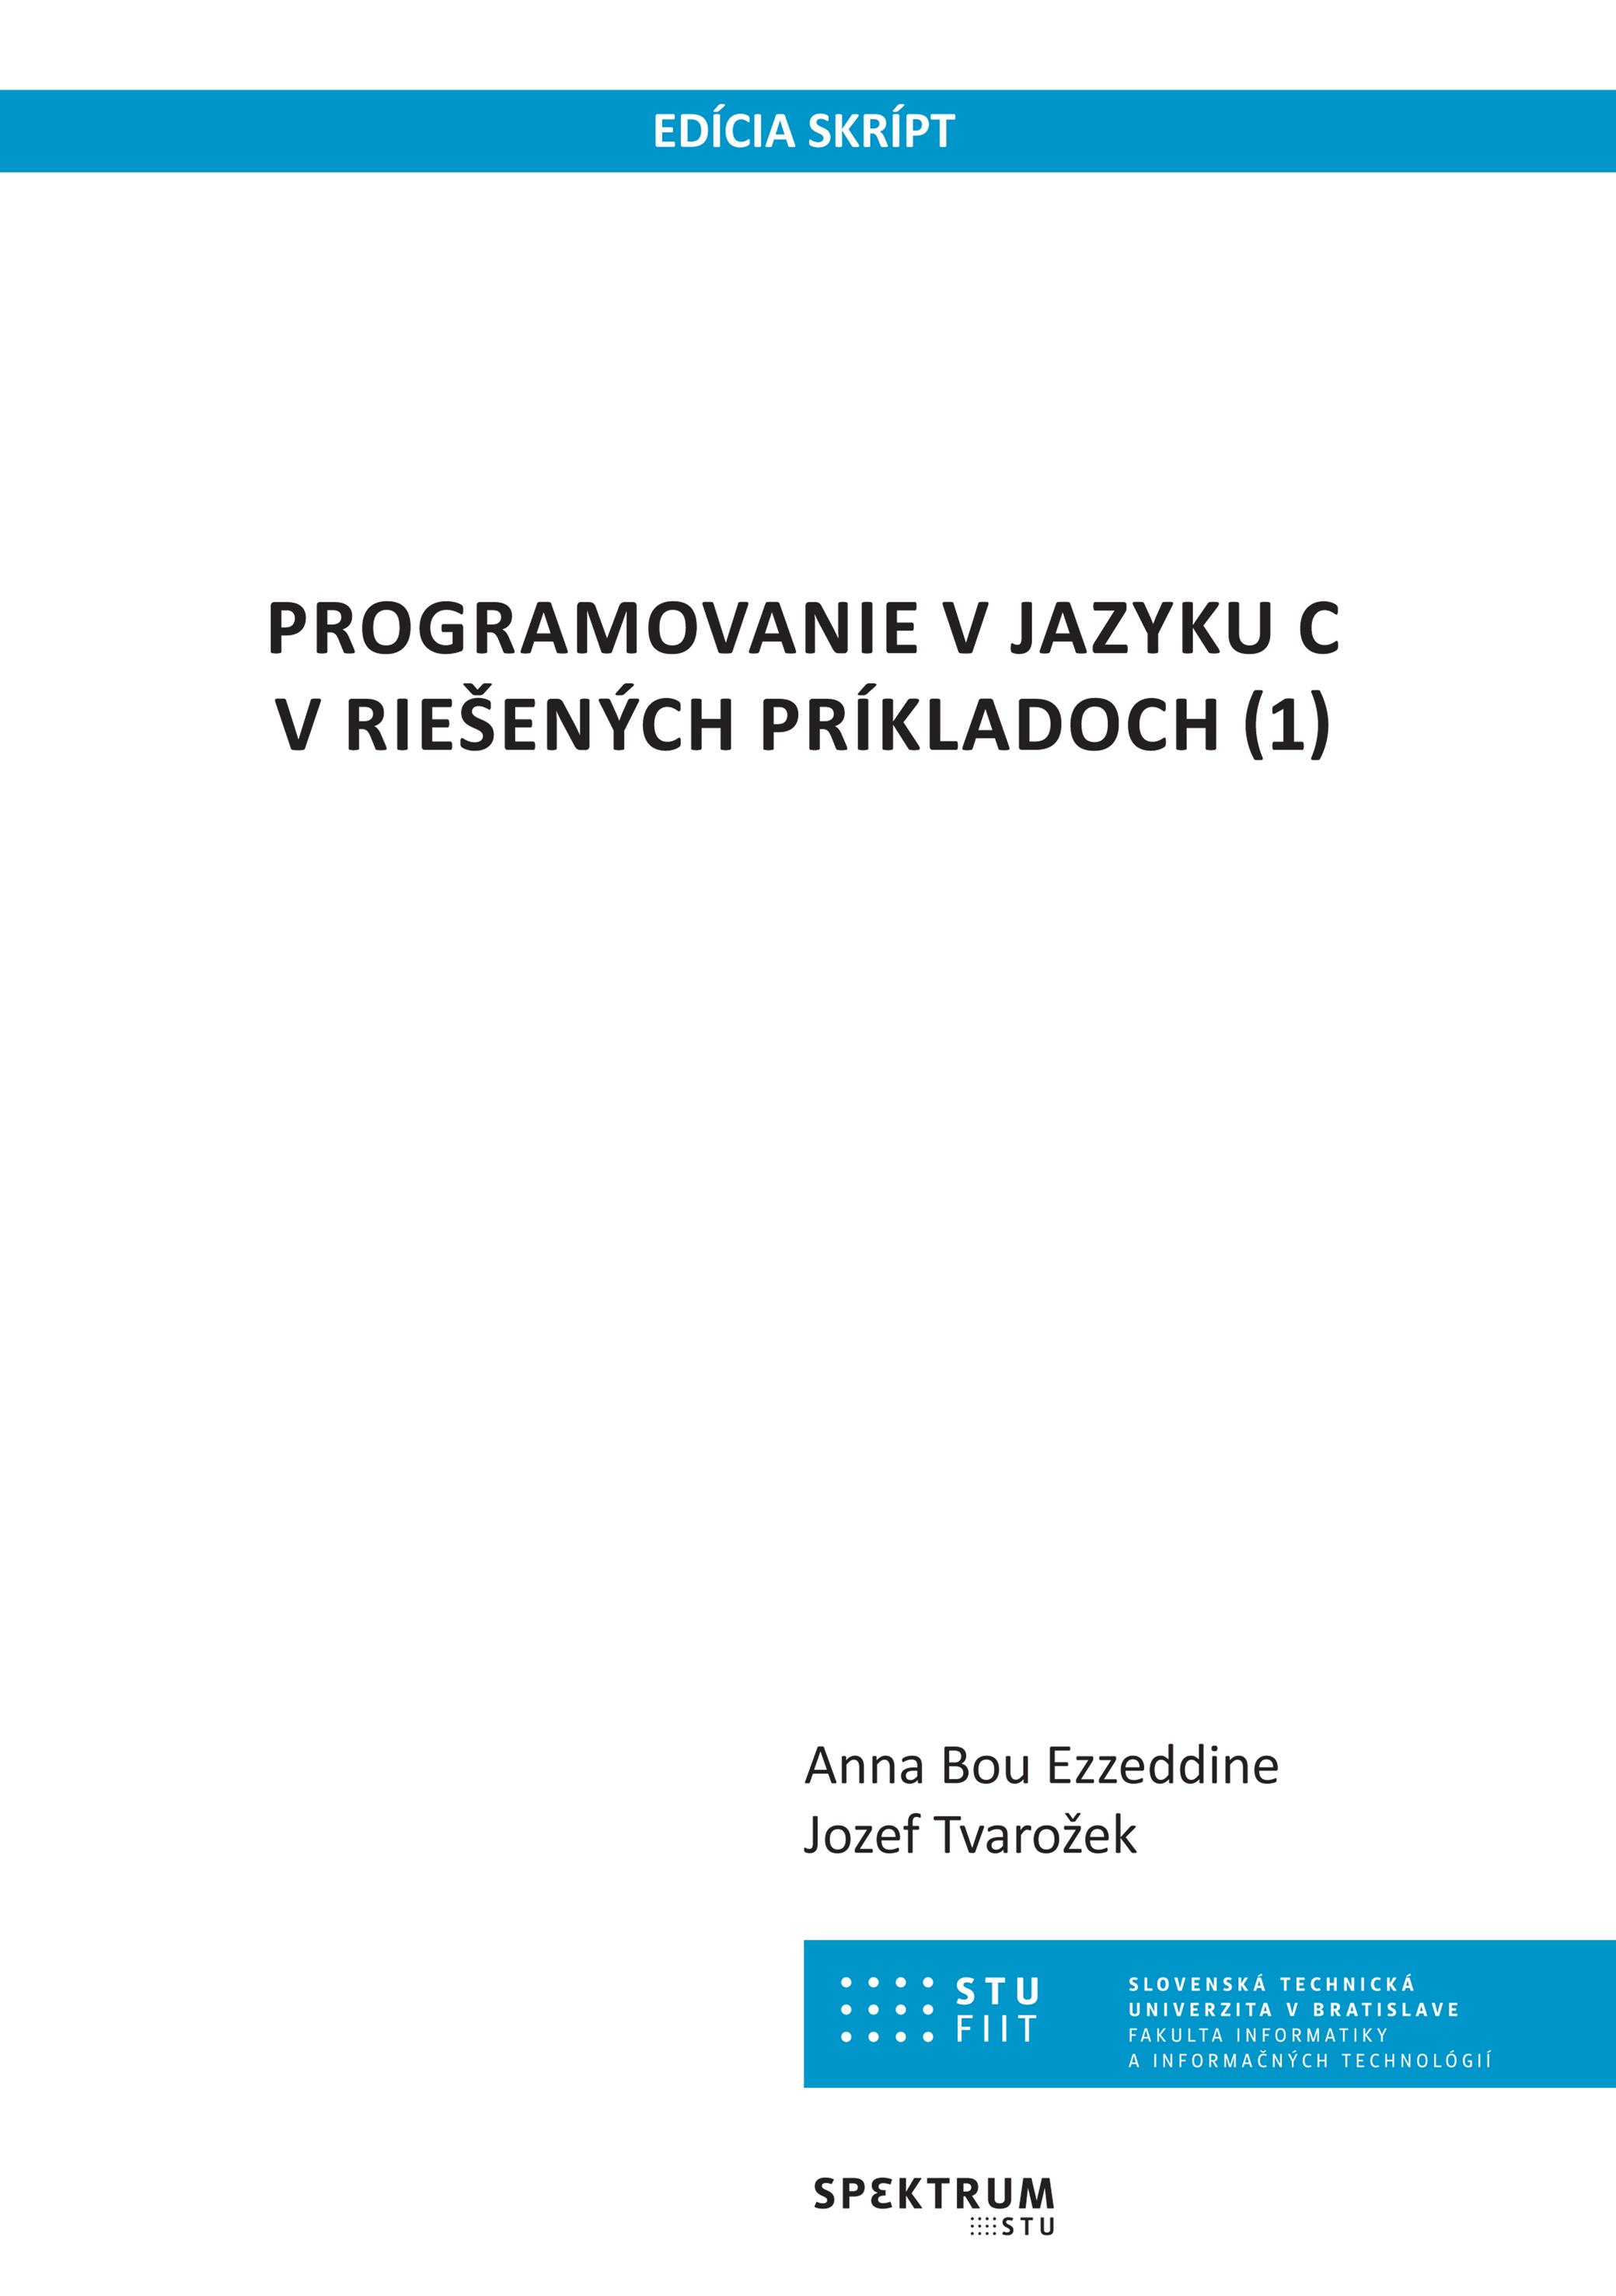 Programovanie v jazyku C v riešených príkladoch (1) 1